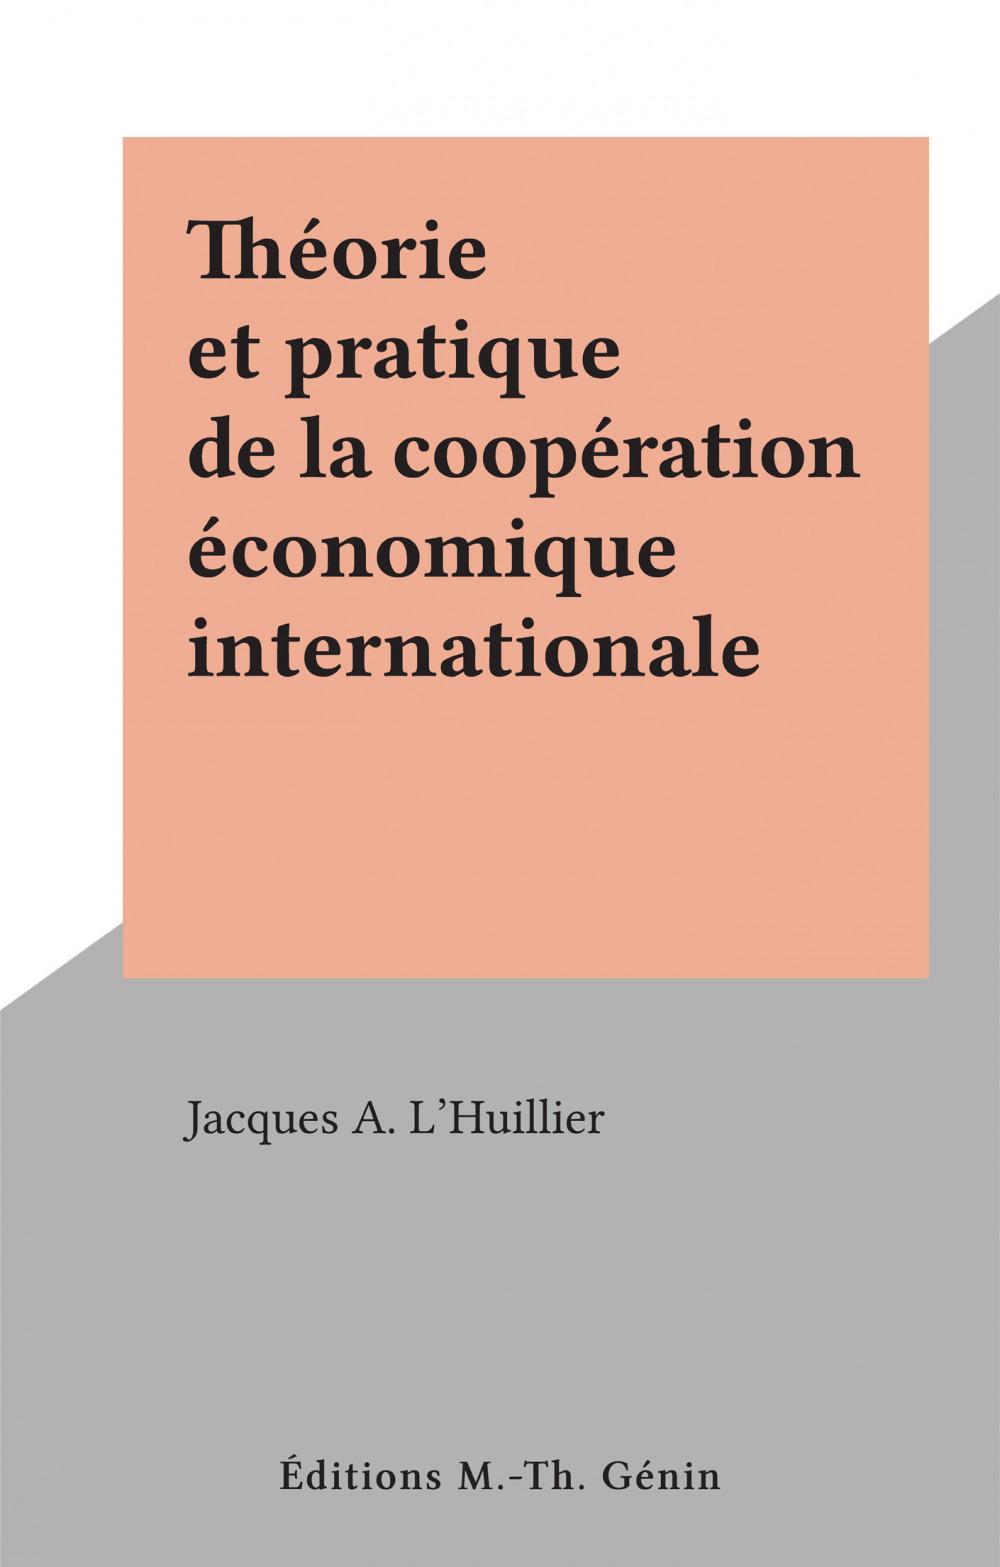 Théorie et pratique de la coopération économique internationale